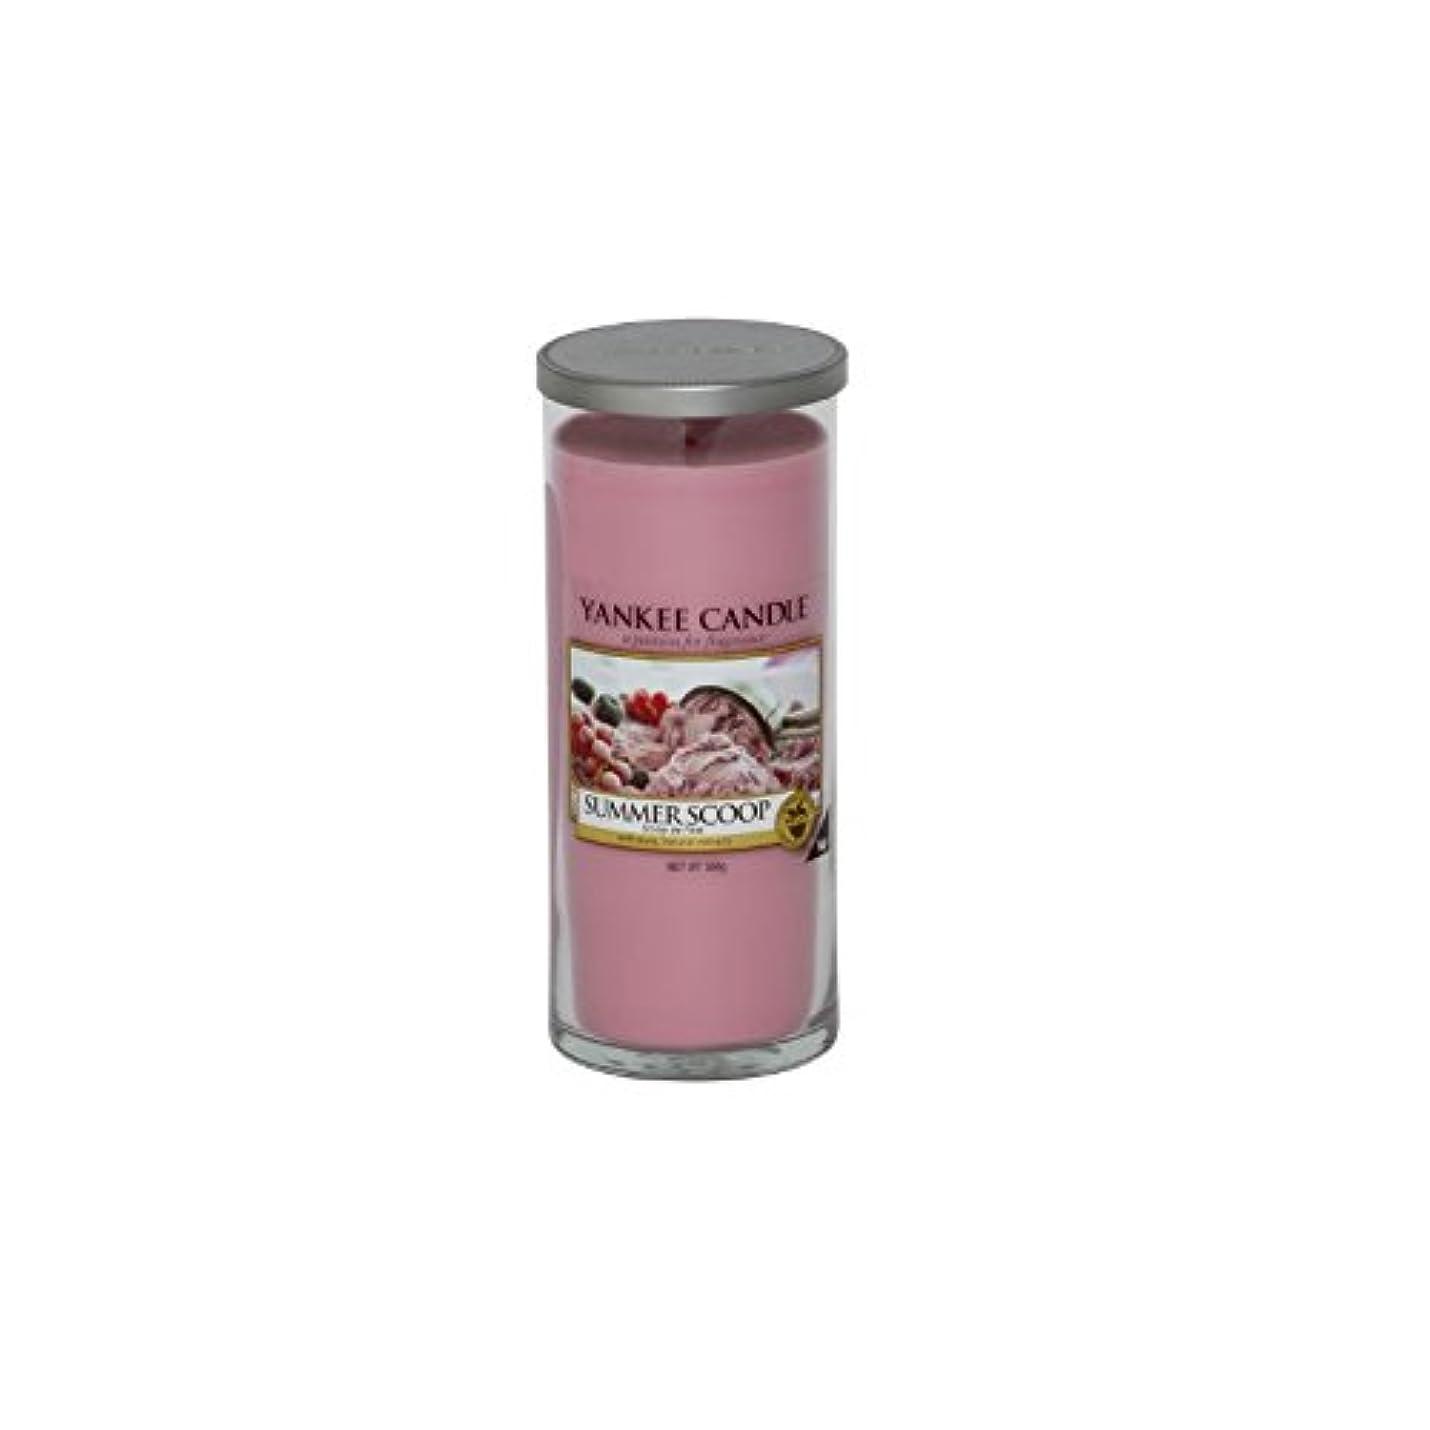 群集コスト進行中Yankee Candles Large Pillar Candle - Summer Scoop (Pack of 2) - ヤンキーキャンドル大きな柱キャンドル - 夏のスクープ (x2) [並行輸入品]